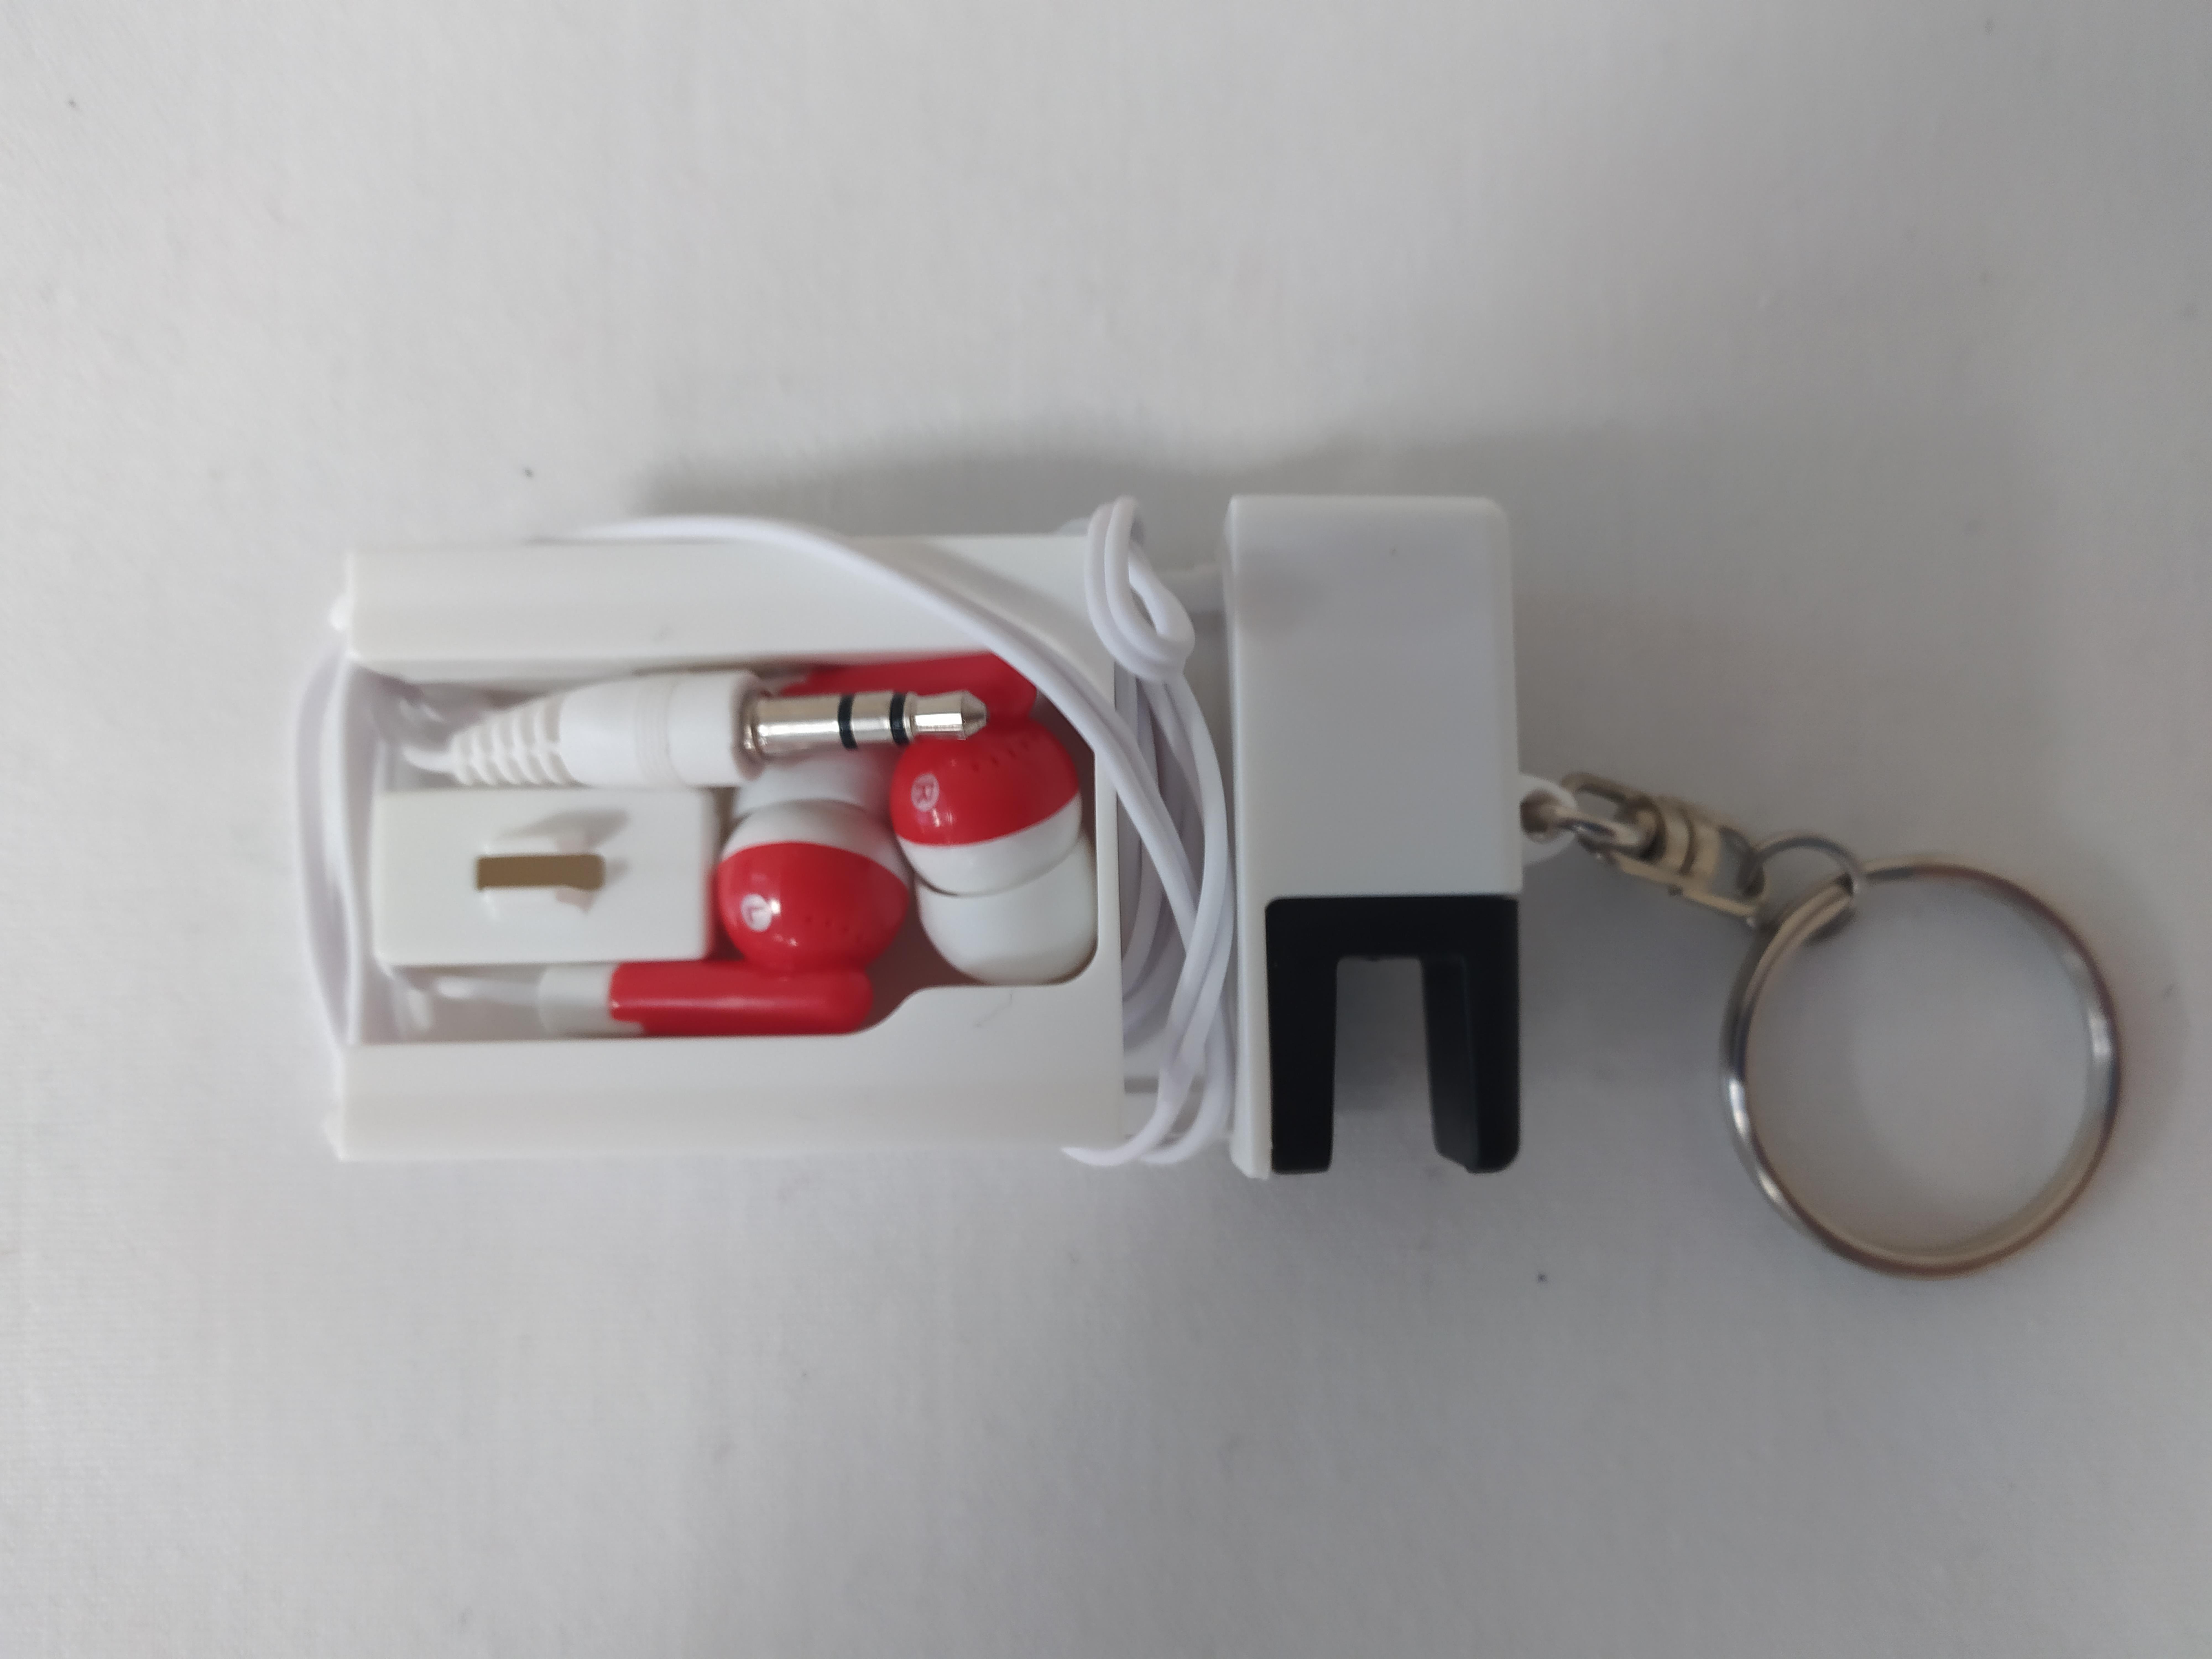 Earbud/Phone Stand Keyrings - £2.50